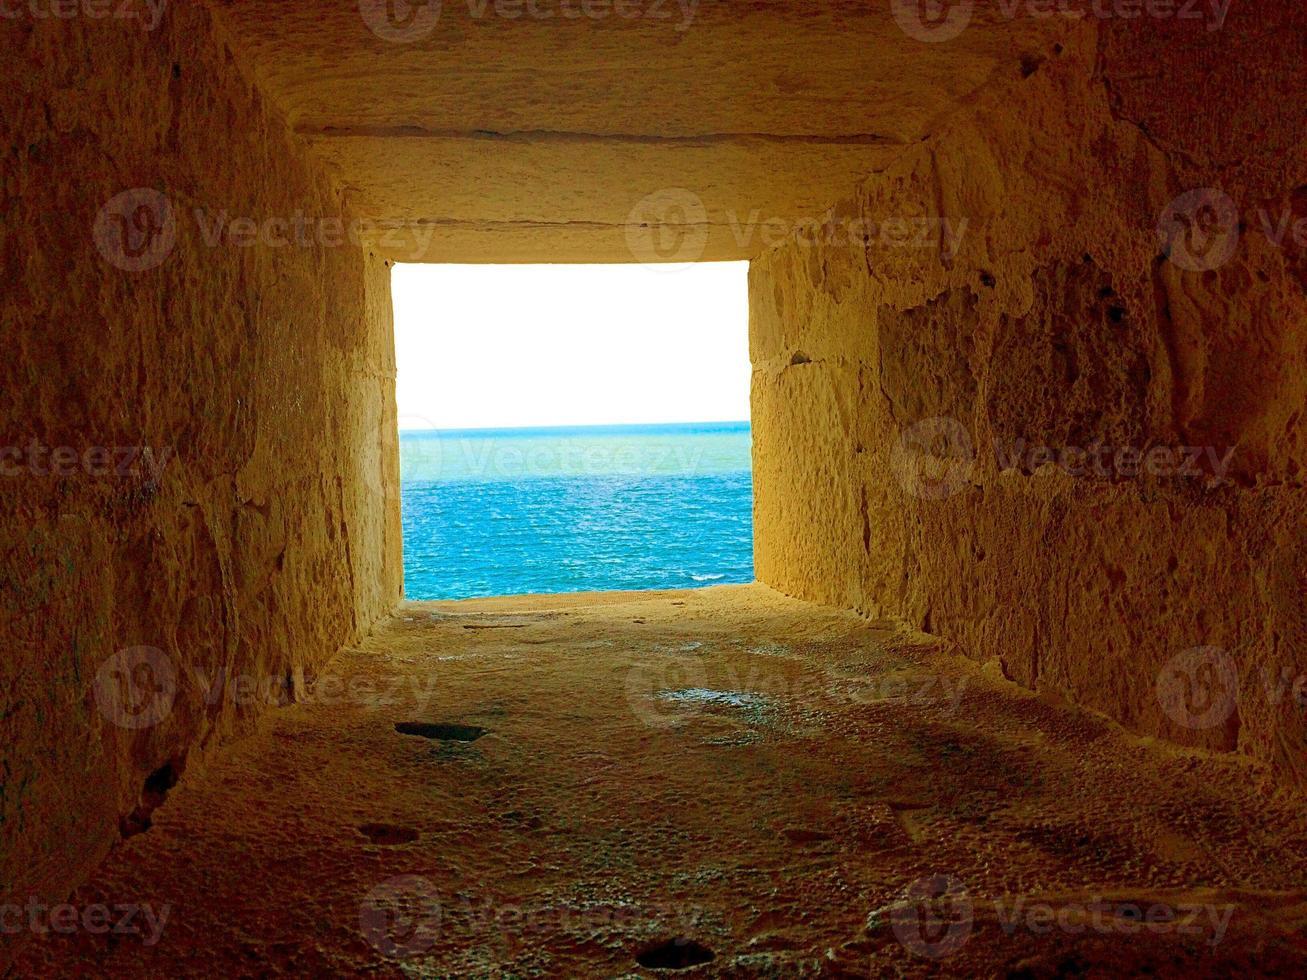 gat om de schepen van vijanden te bekijken en te slaan. qaitbay citadel foto